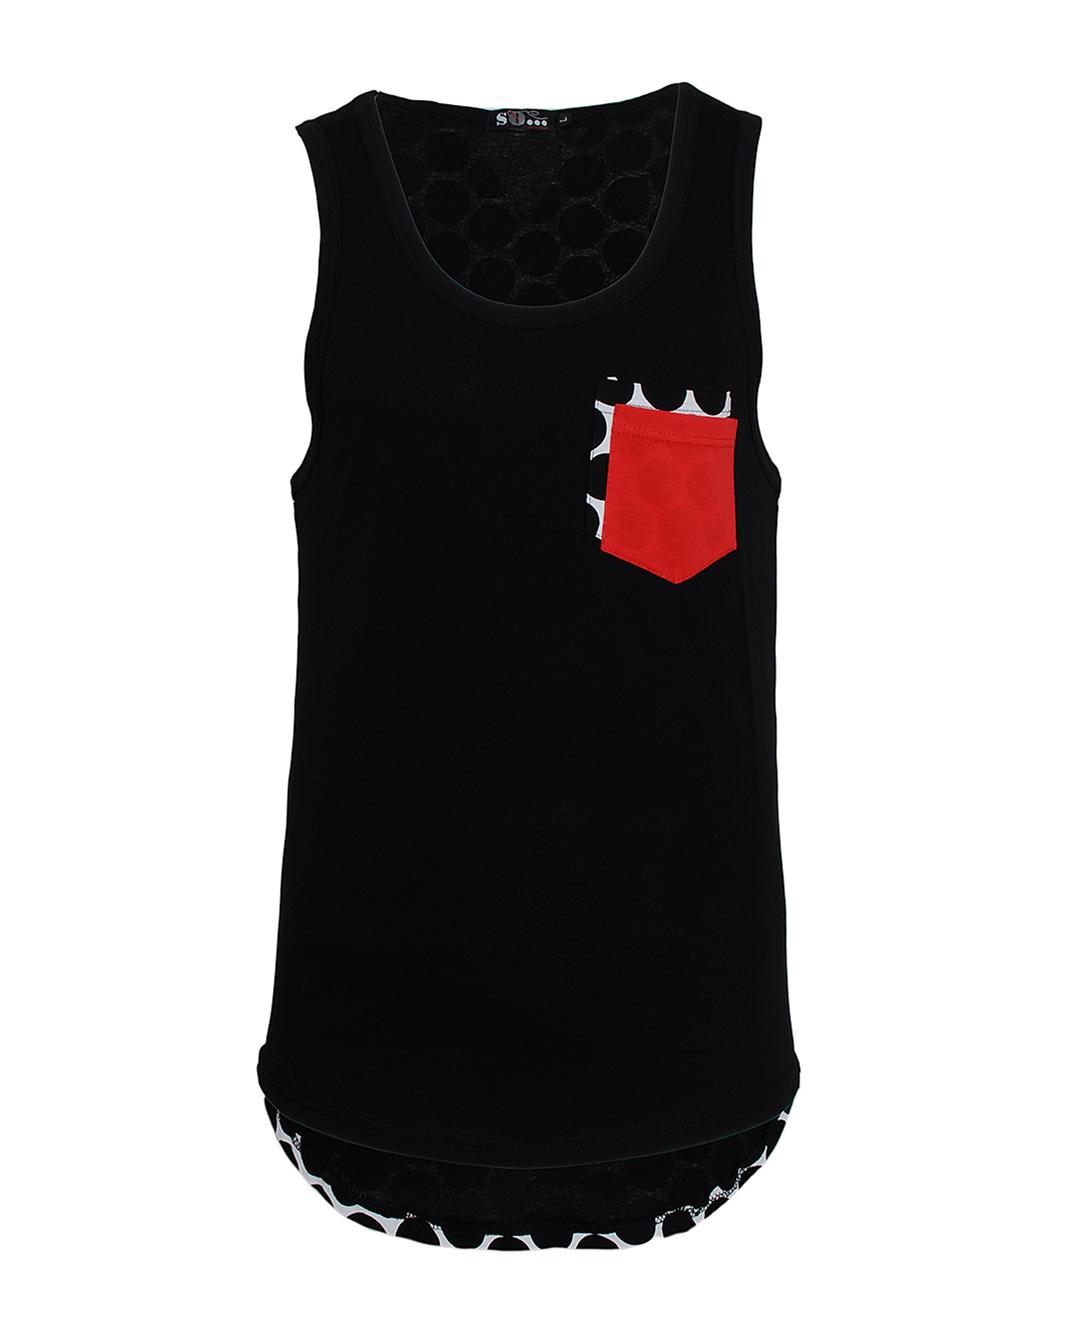 Ανδρικό Αμάνικο Back Poua-Μαύρο αρχική ανδρικά ρούχα επιλογή ανά προϊόν t shirts